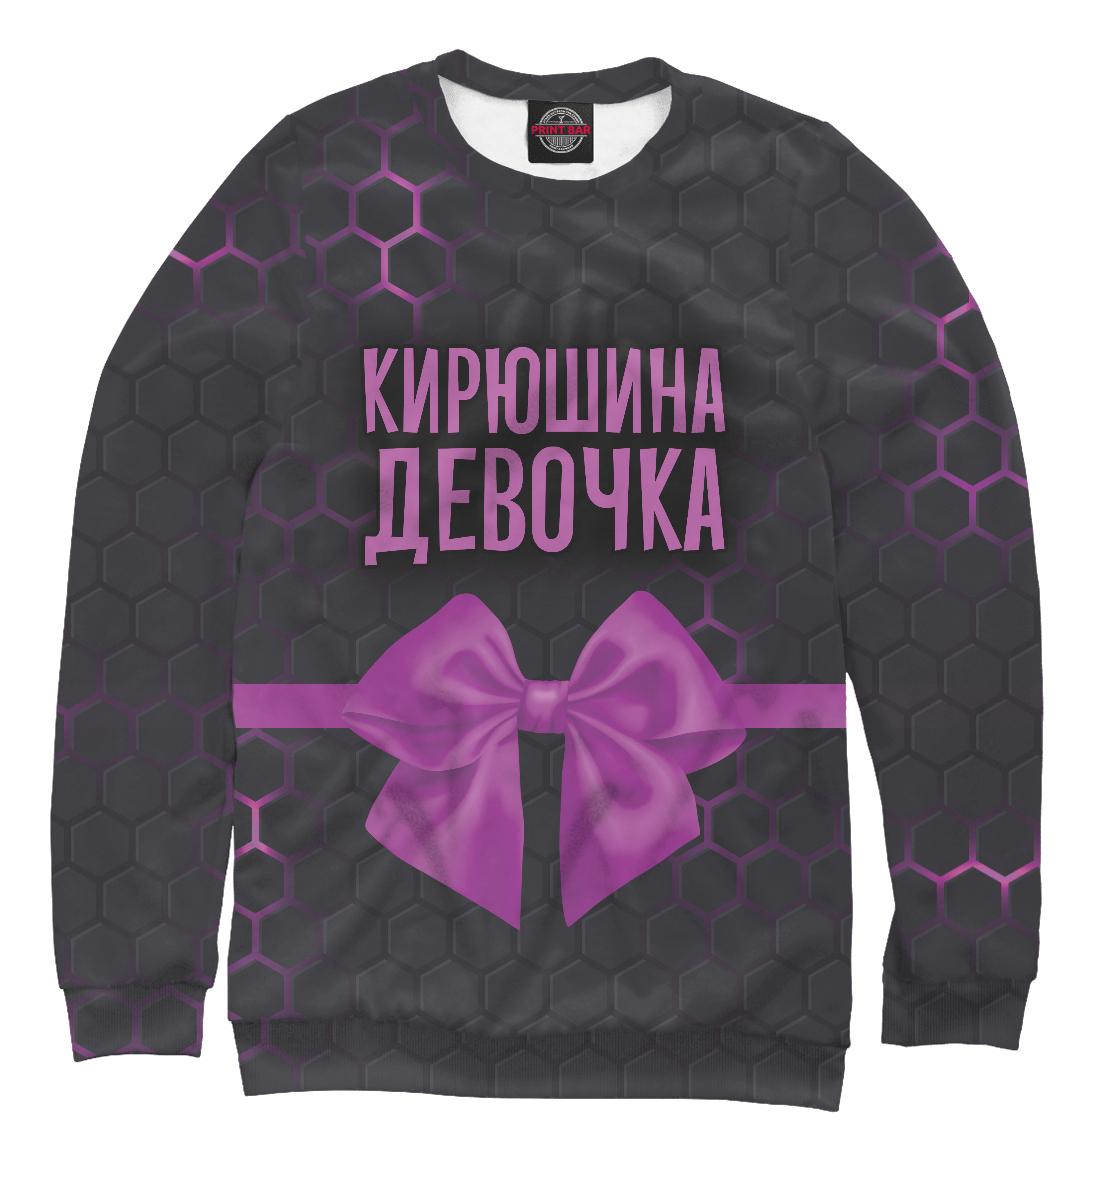 Свитшот Кирюшина девочка